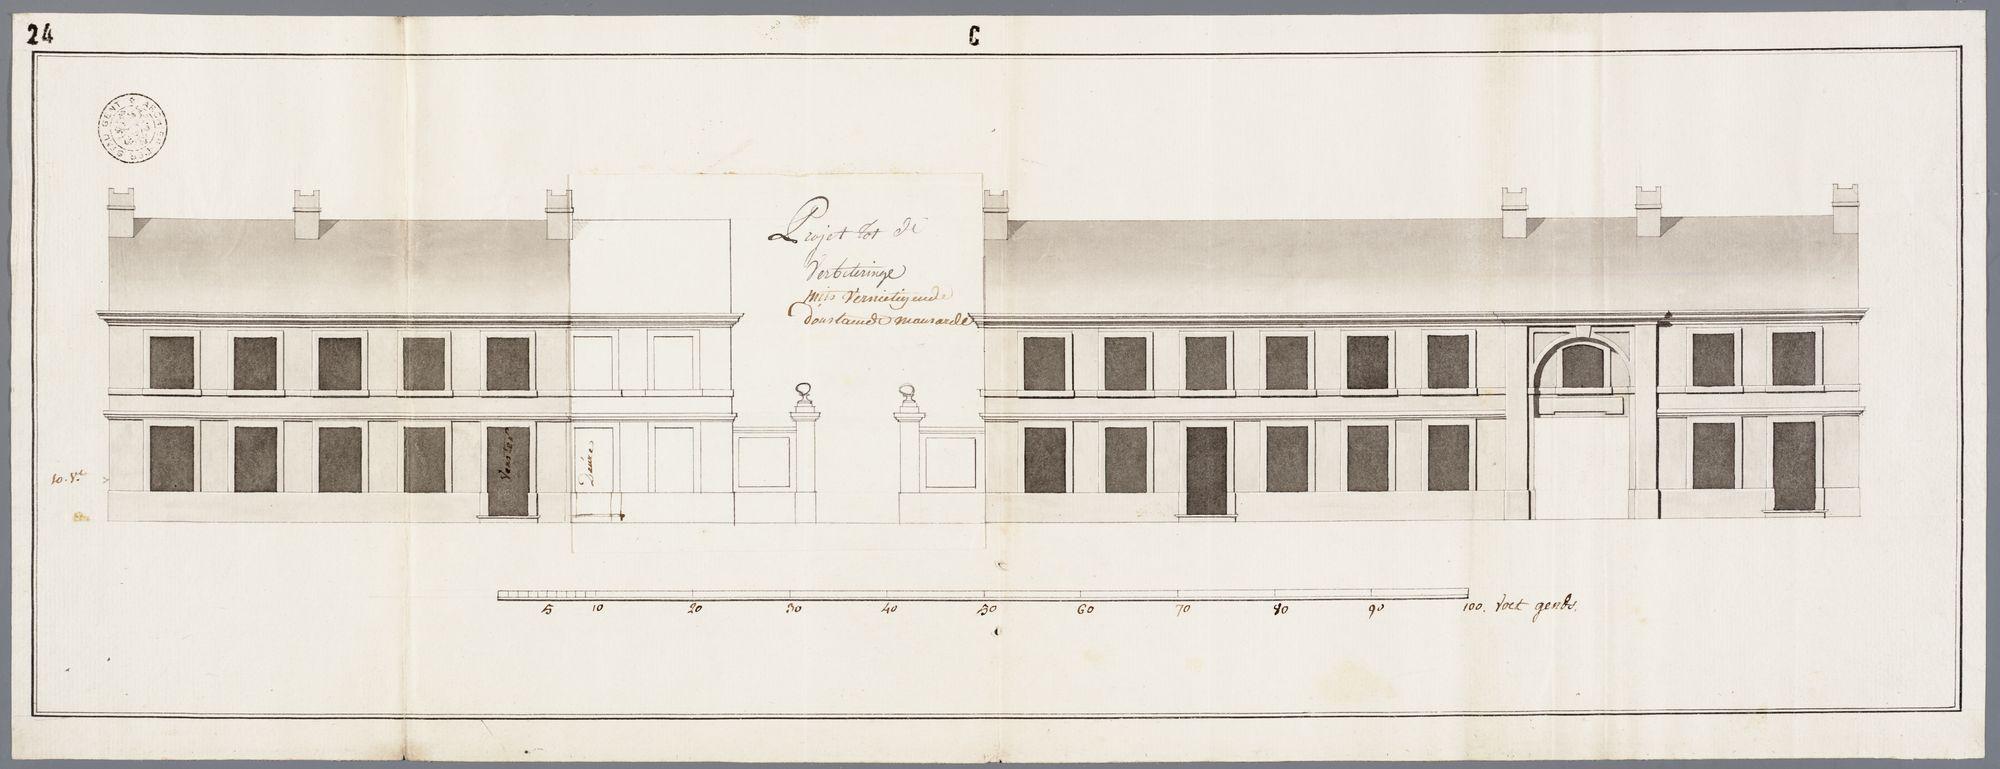 Gent: Buiten de Brugse Poort, 1782: opstand voorgevel: oude en nieuwe toestand